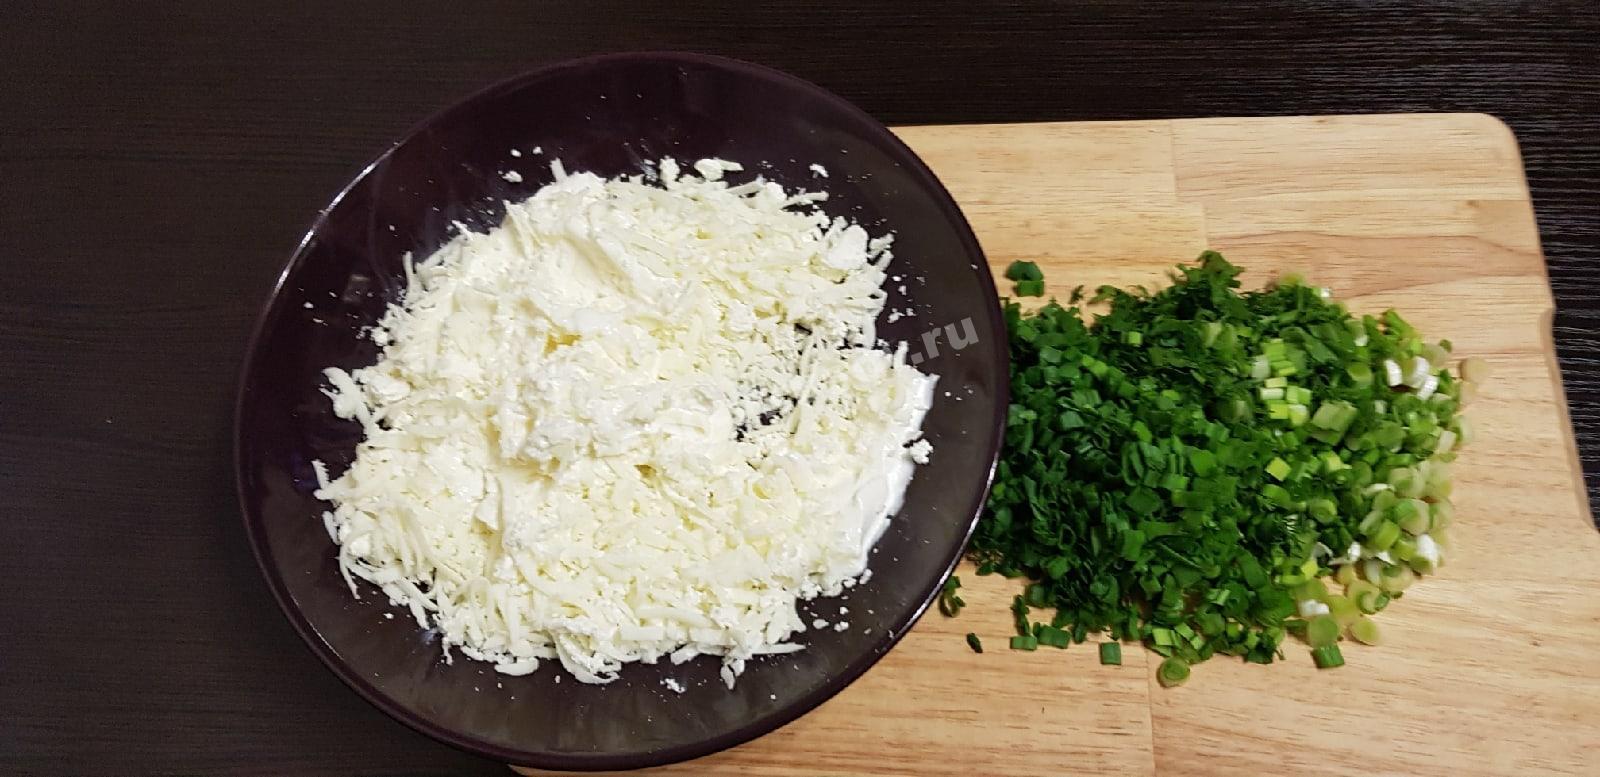 Измельченные сыр и зелень для начинки